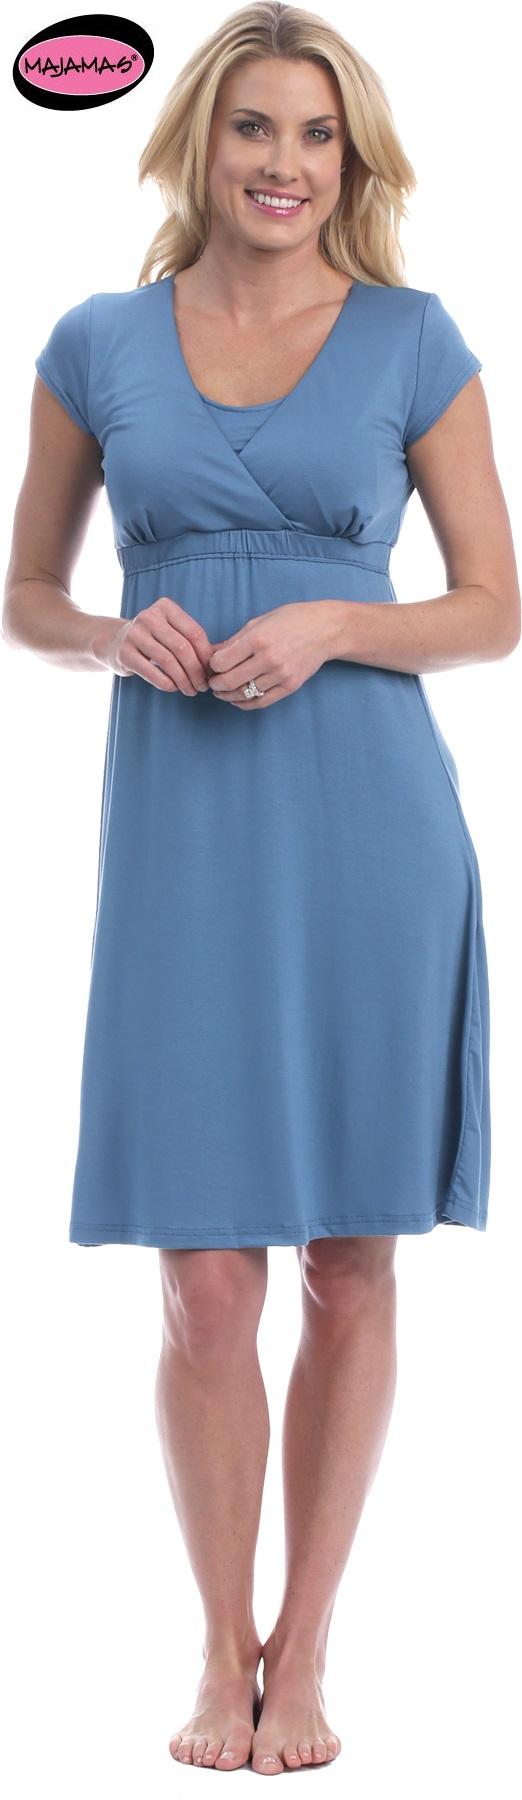 majamas-lucy-nursing-gown.jpg